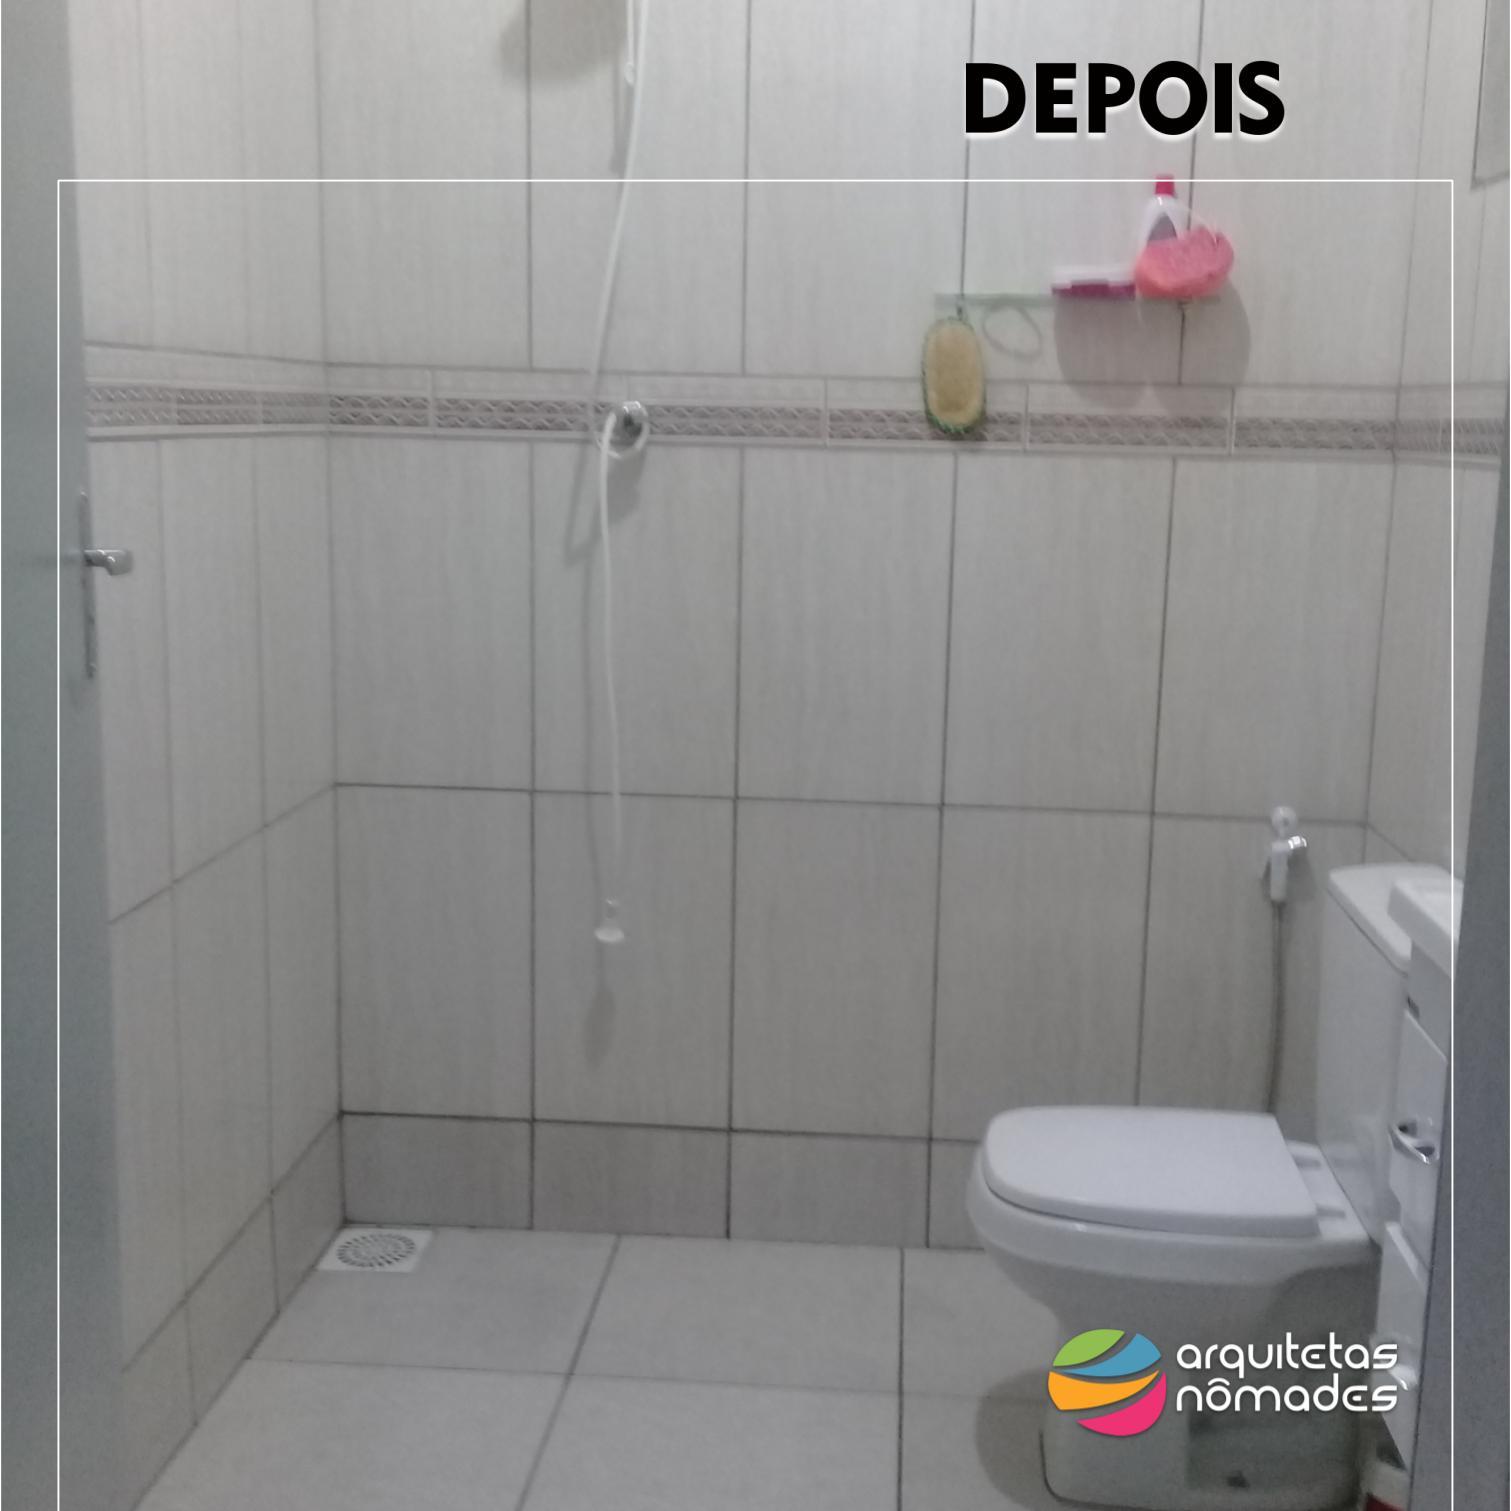 DEPOIS3-katia